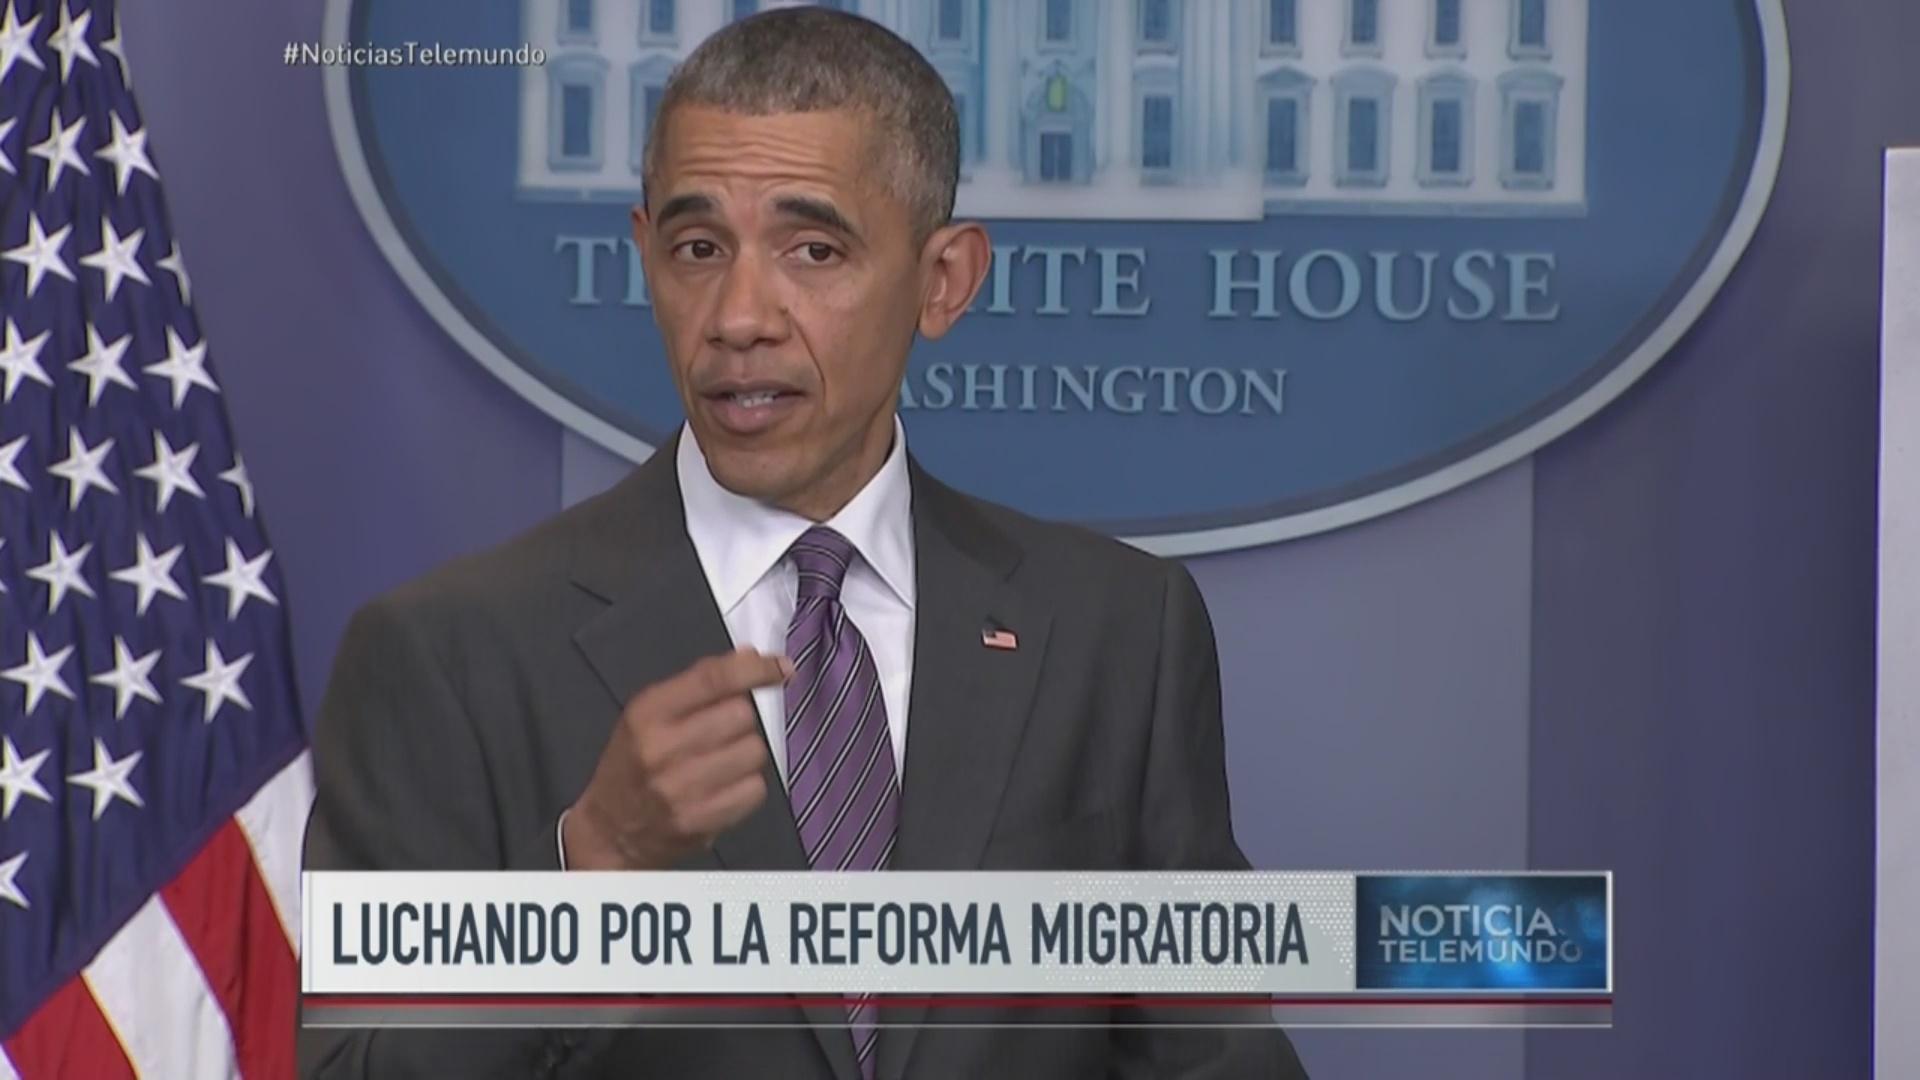 Confesión de Obama decepciona a indocumentados